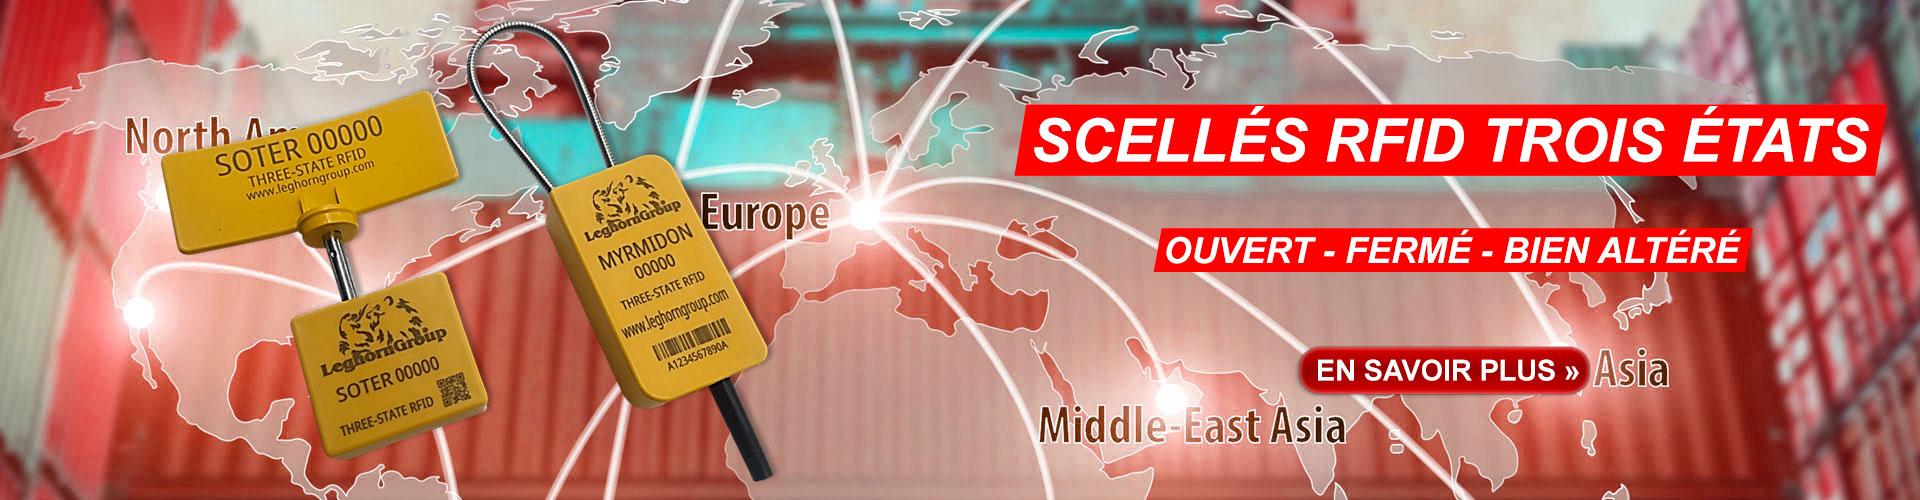 Scelles Rfid Trois Etats Banniere Homepage